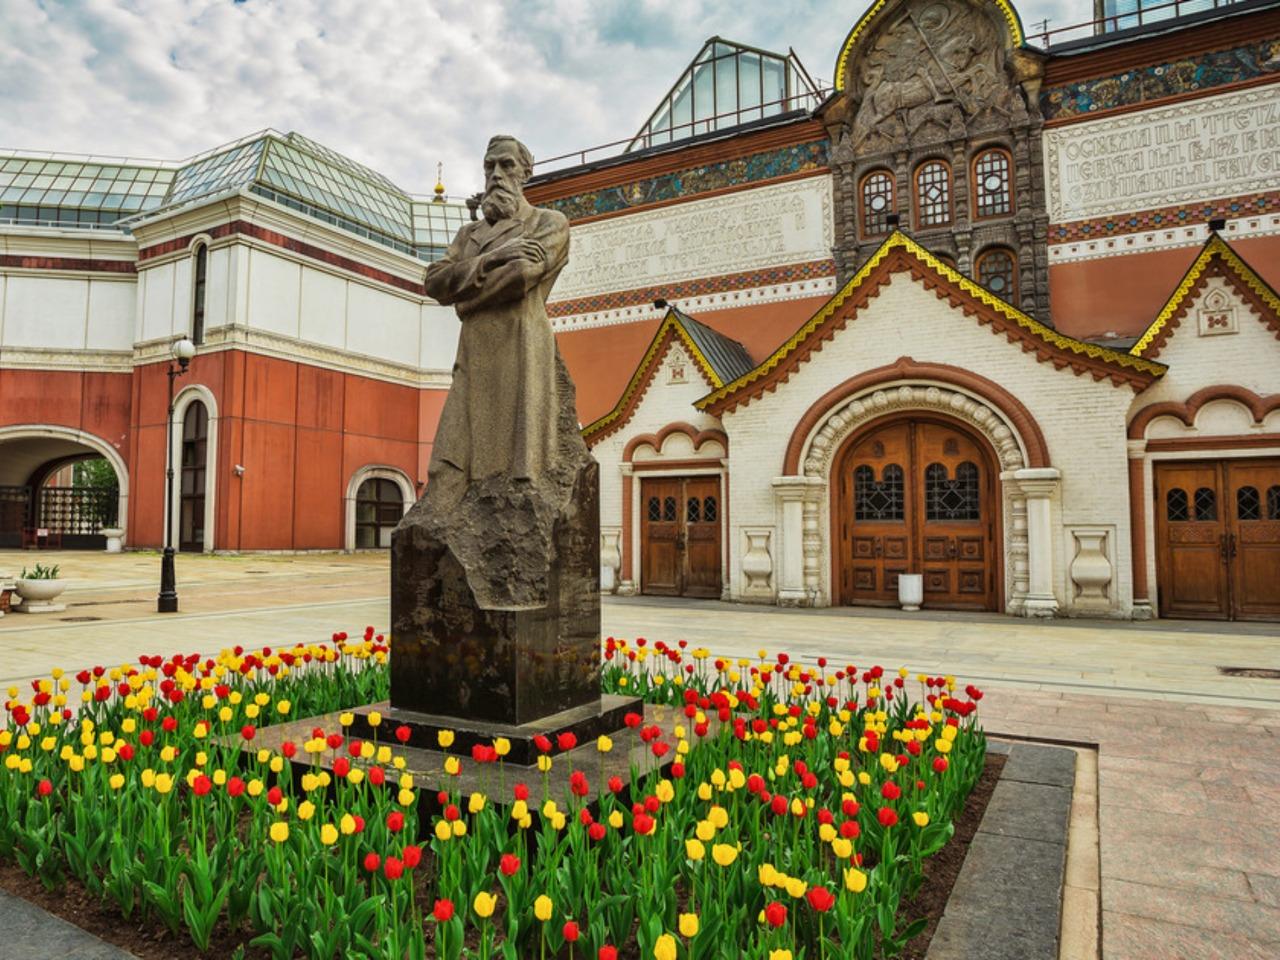 Третьяковская галерея: музей мирового уровня - групповая экскурсия по Москве от опытного гида